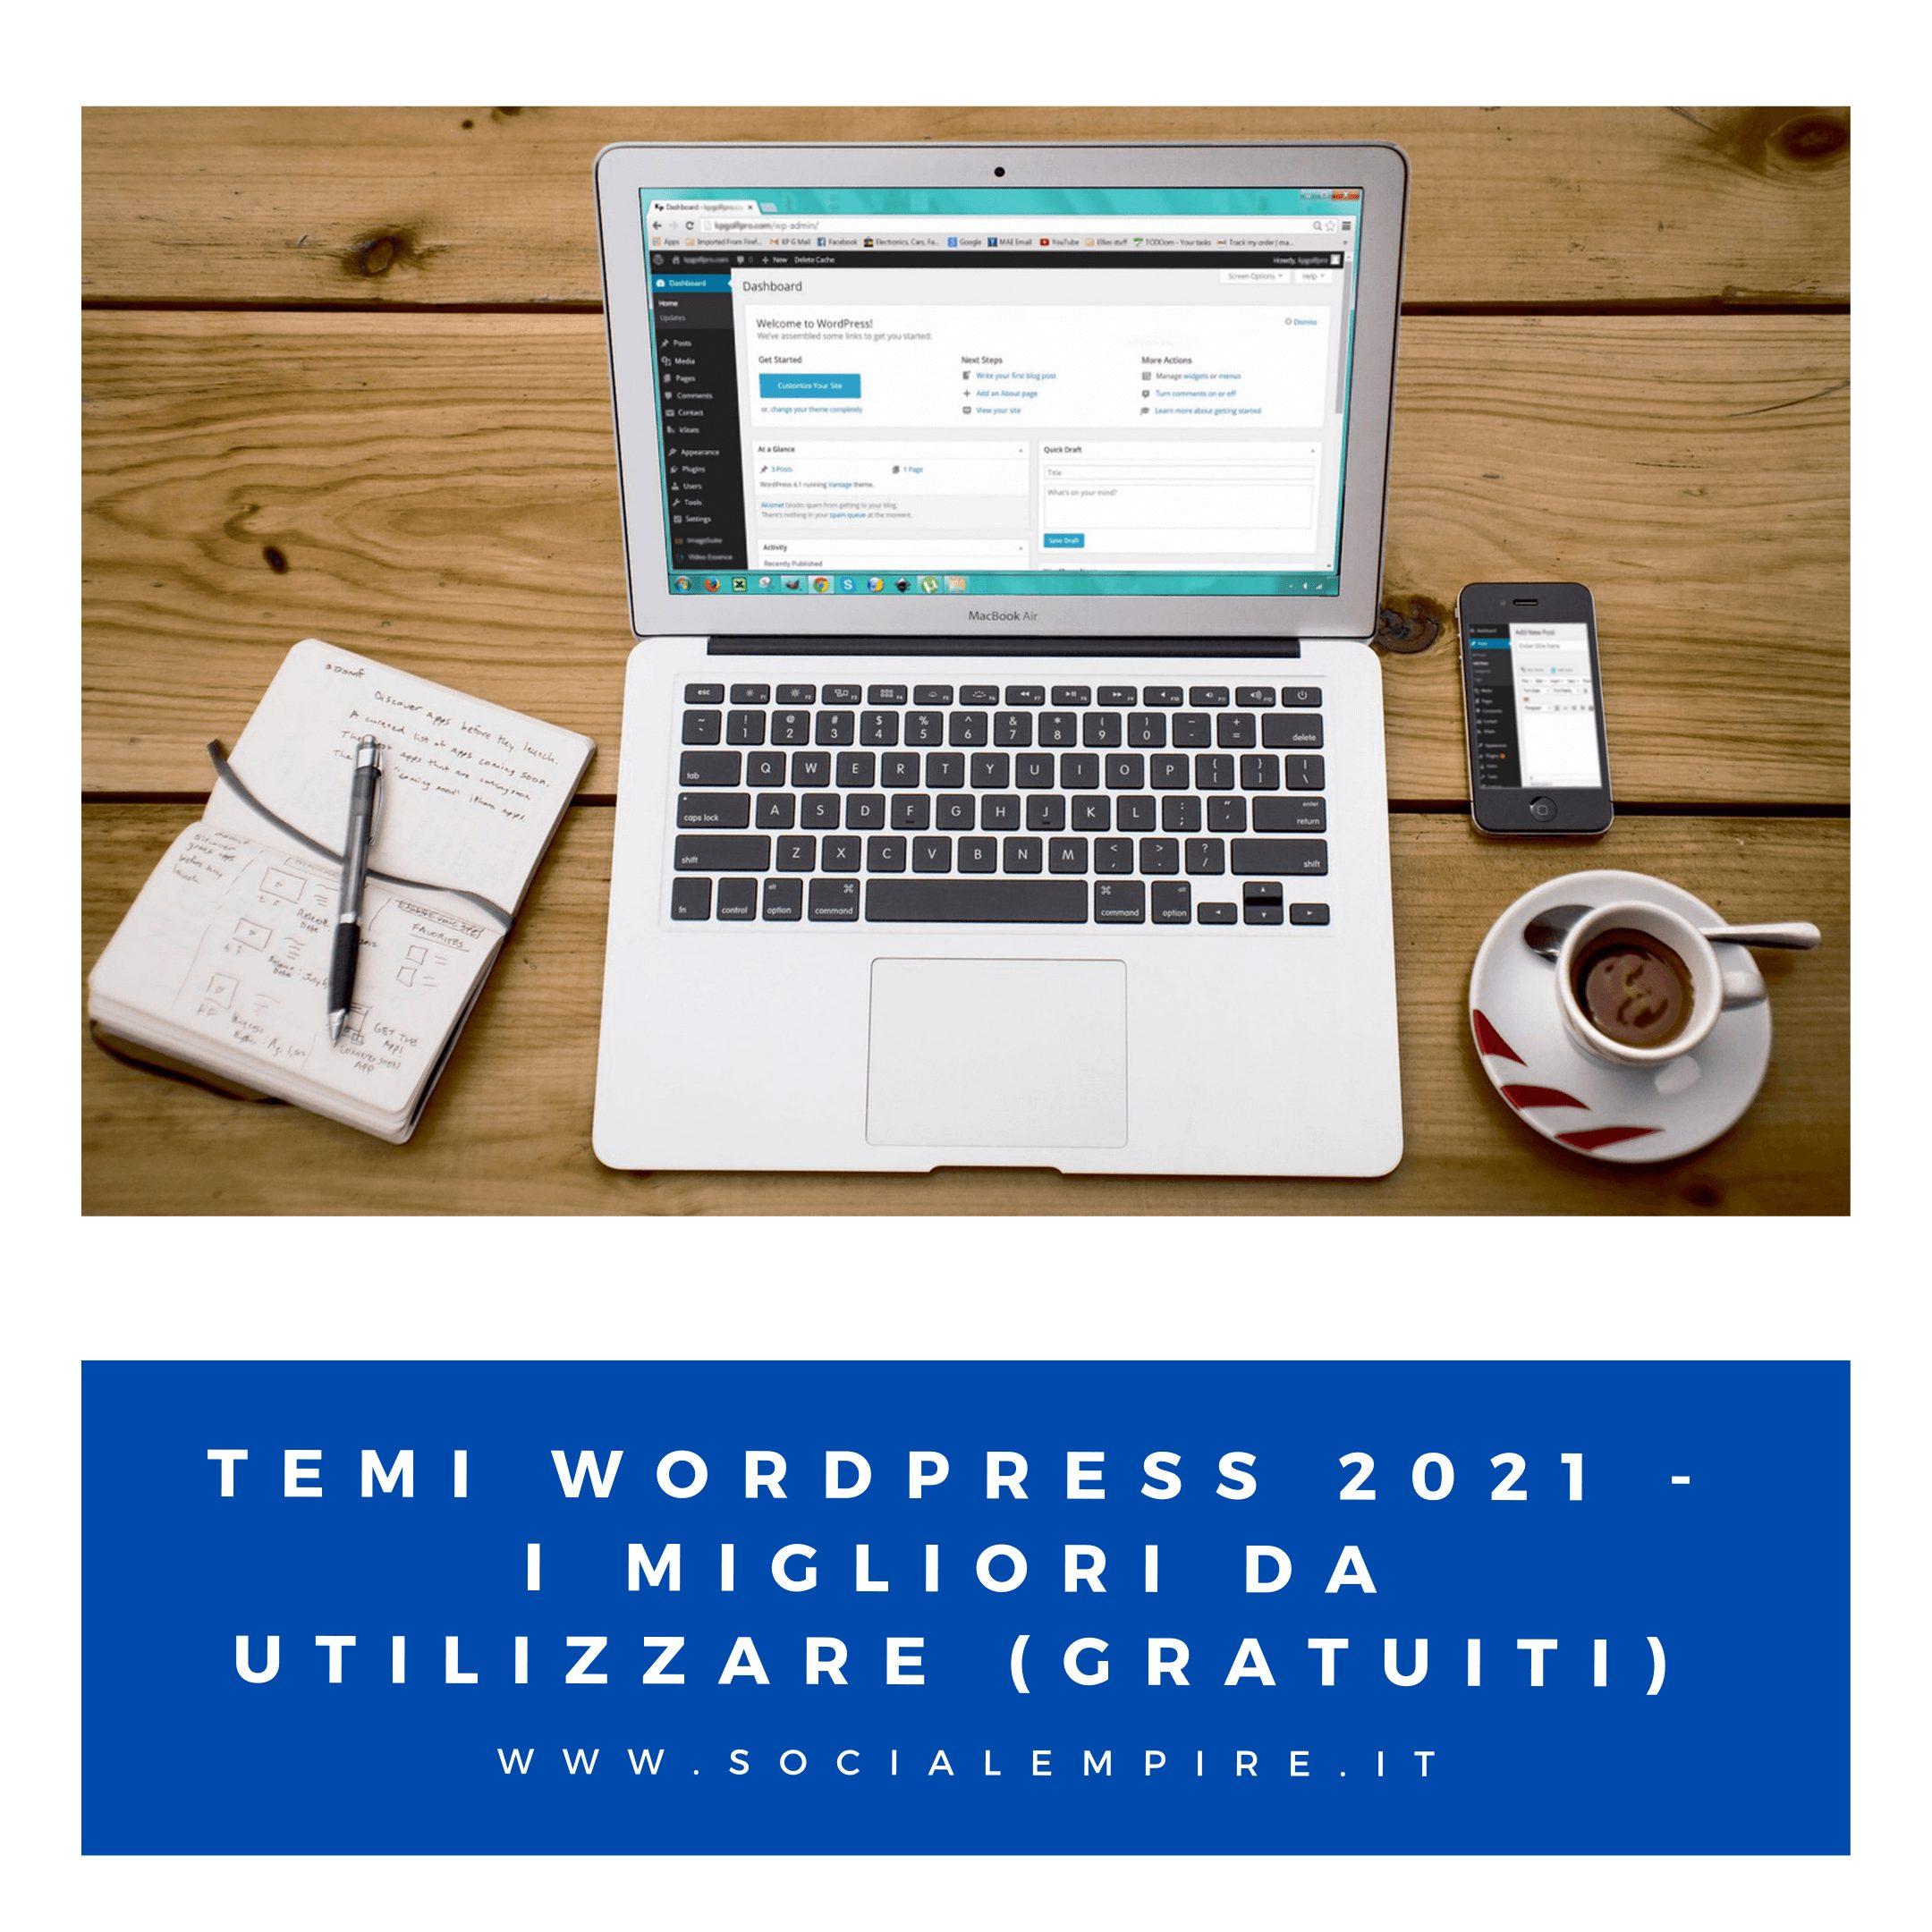 temi-wordpress-2021-i-migliori-da-utilizzare